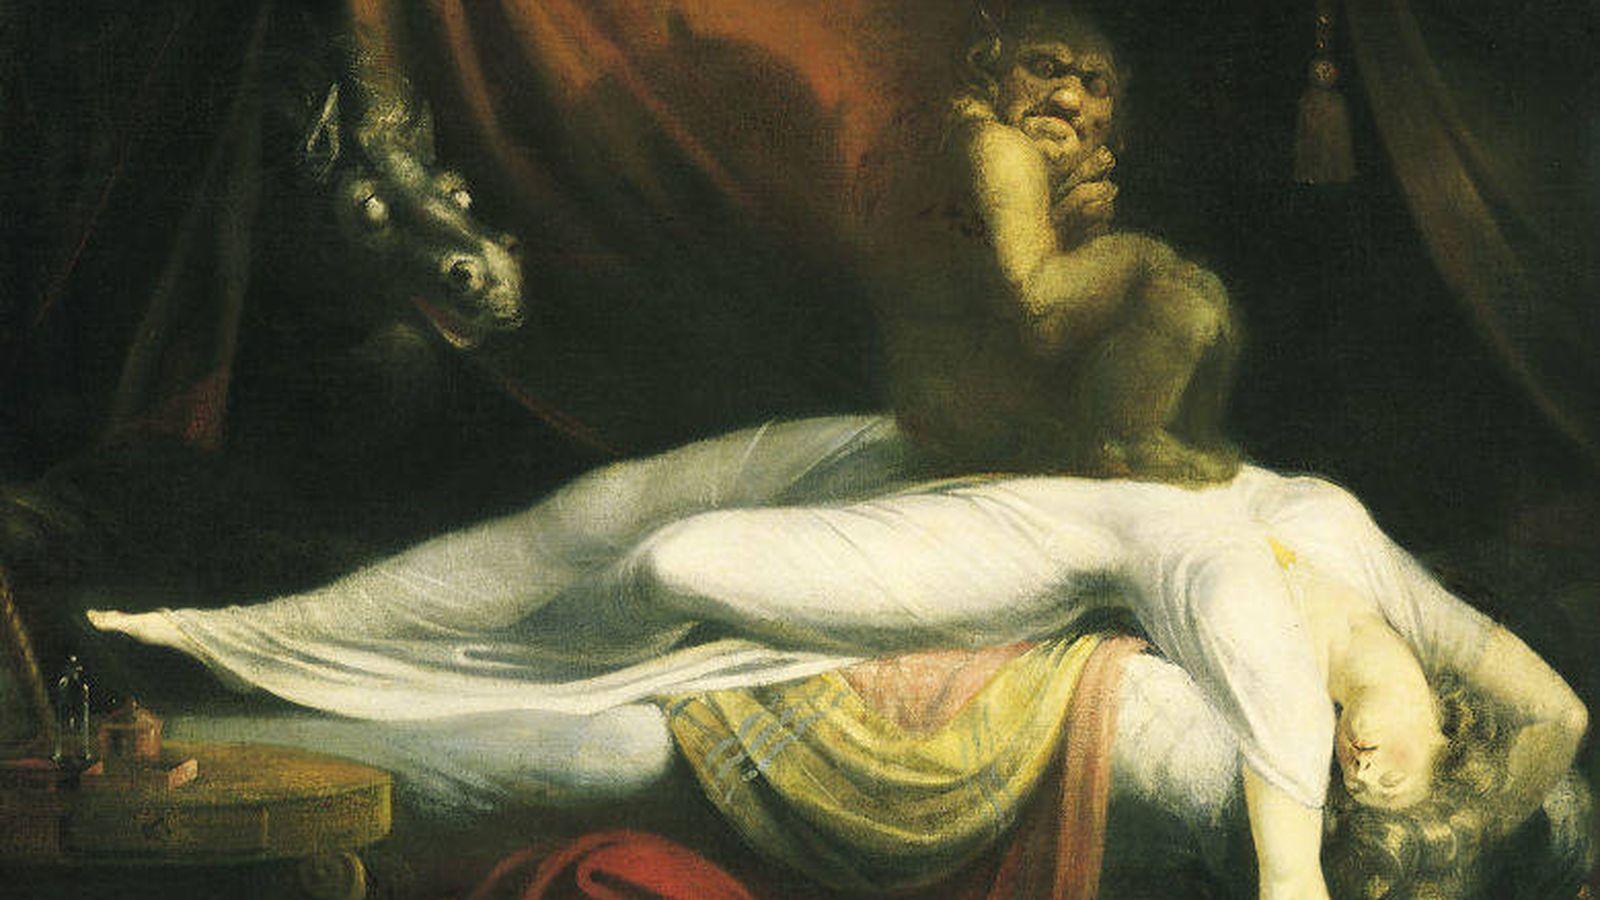 Foto: 'La pesadilla' (1781), del pintor neoclásico Heinrich Füssl.